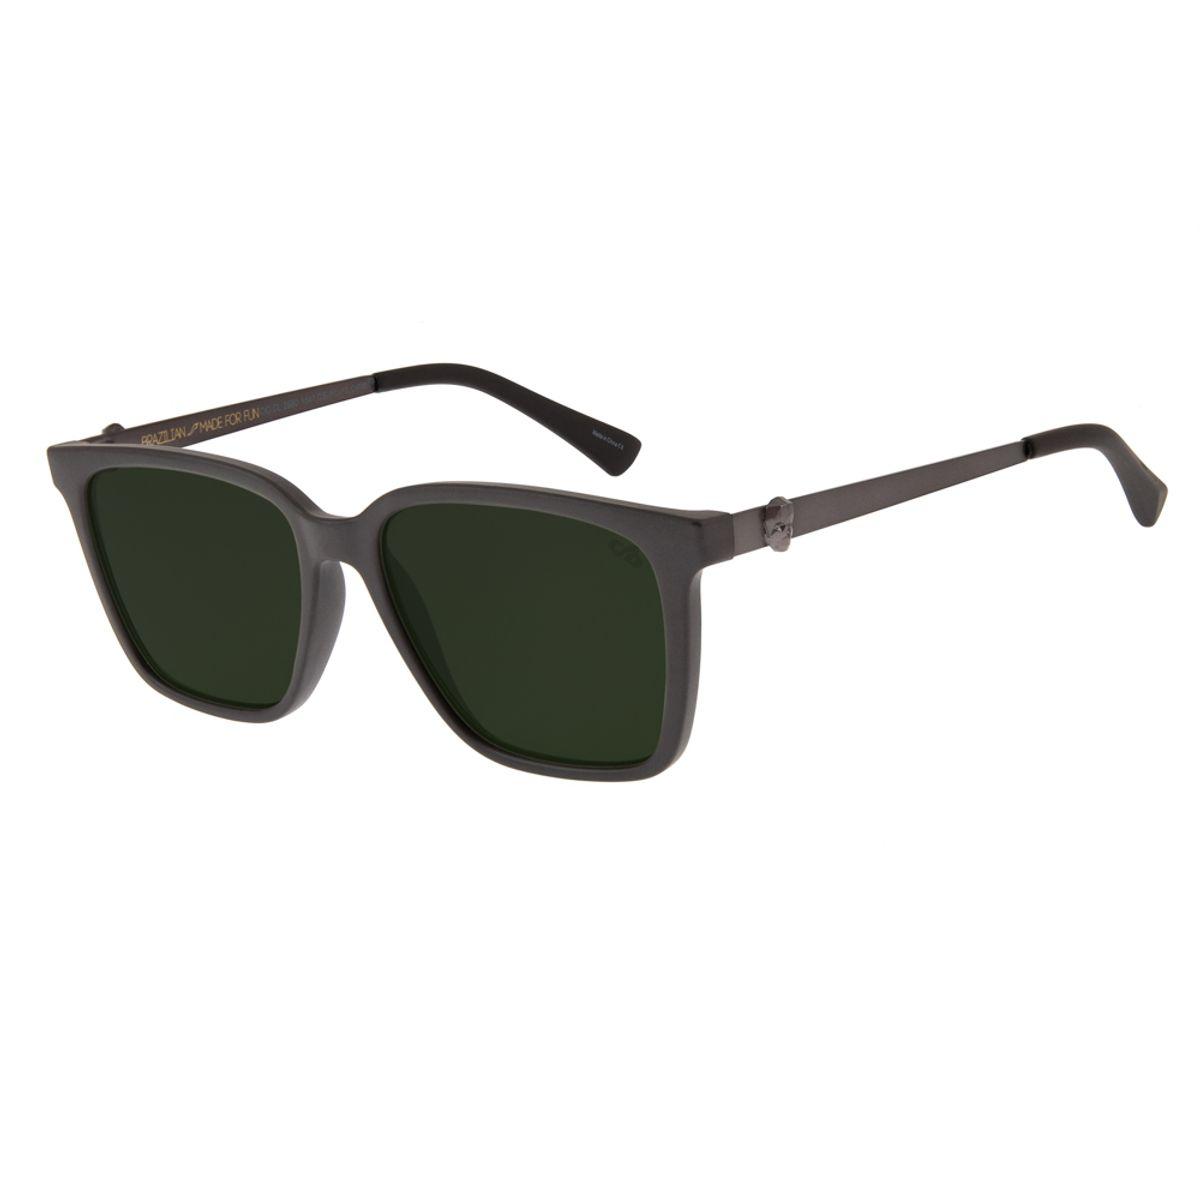 8390eb9e1 oculos de sol unissex chilli beans caveira quadrado marrom escuro 2680  1547; oculos de sol unissex ...